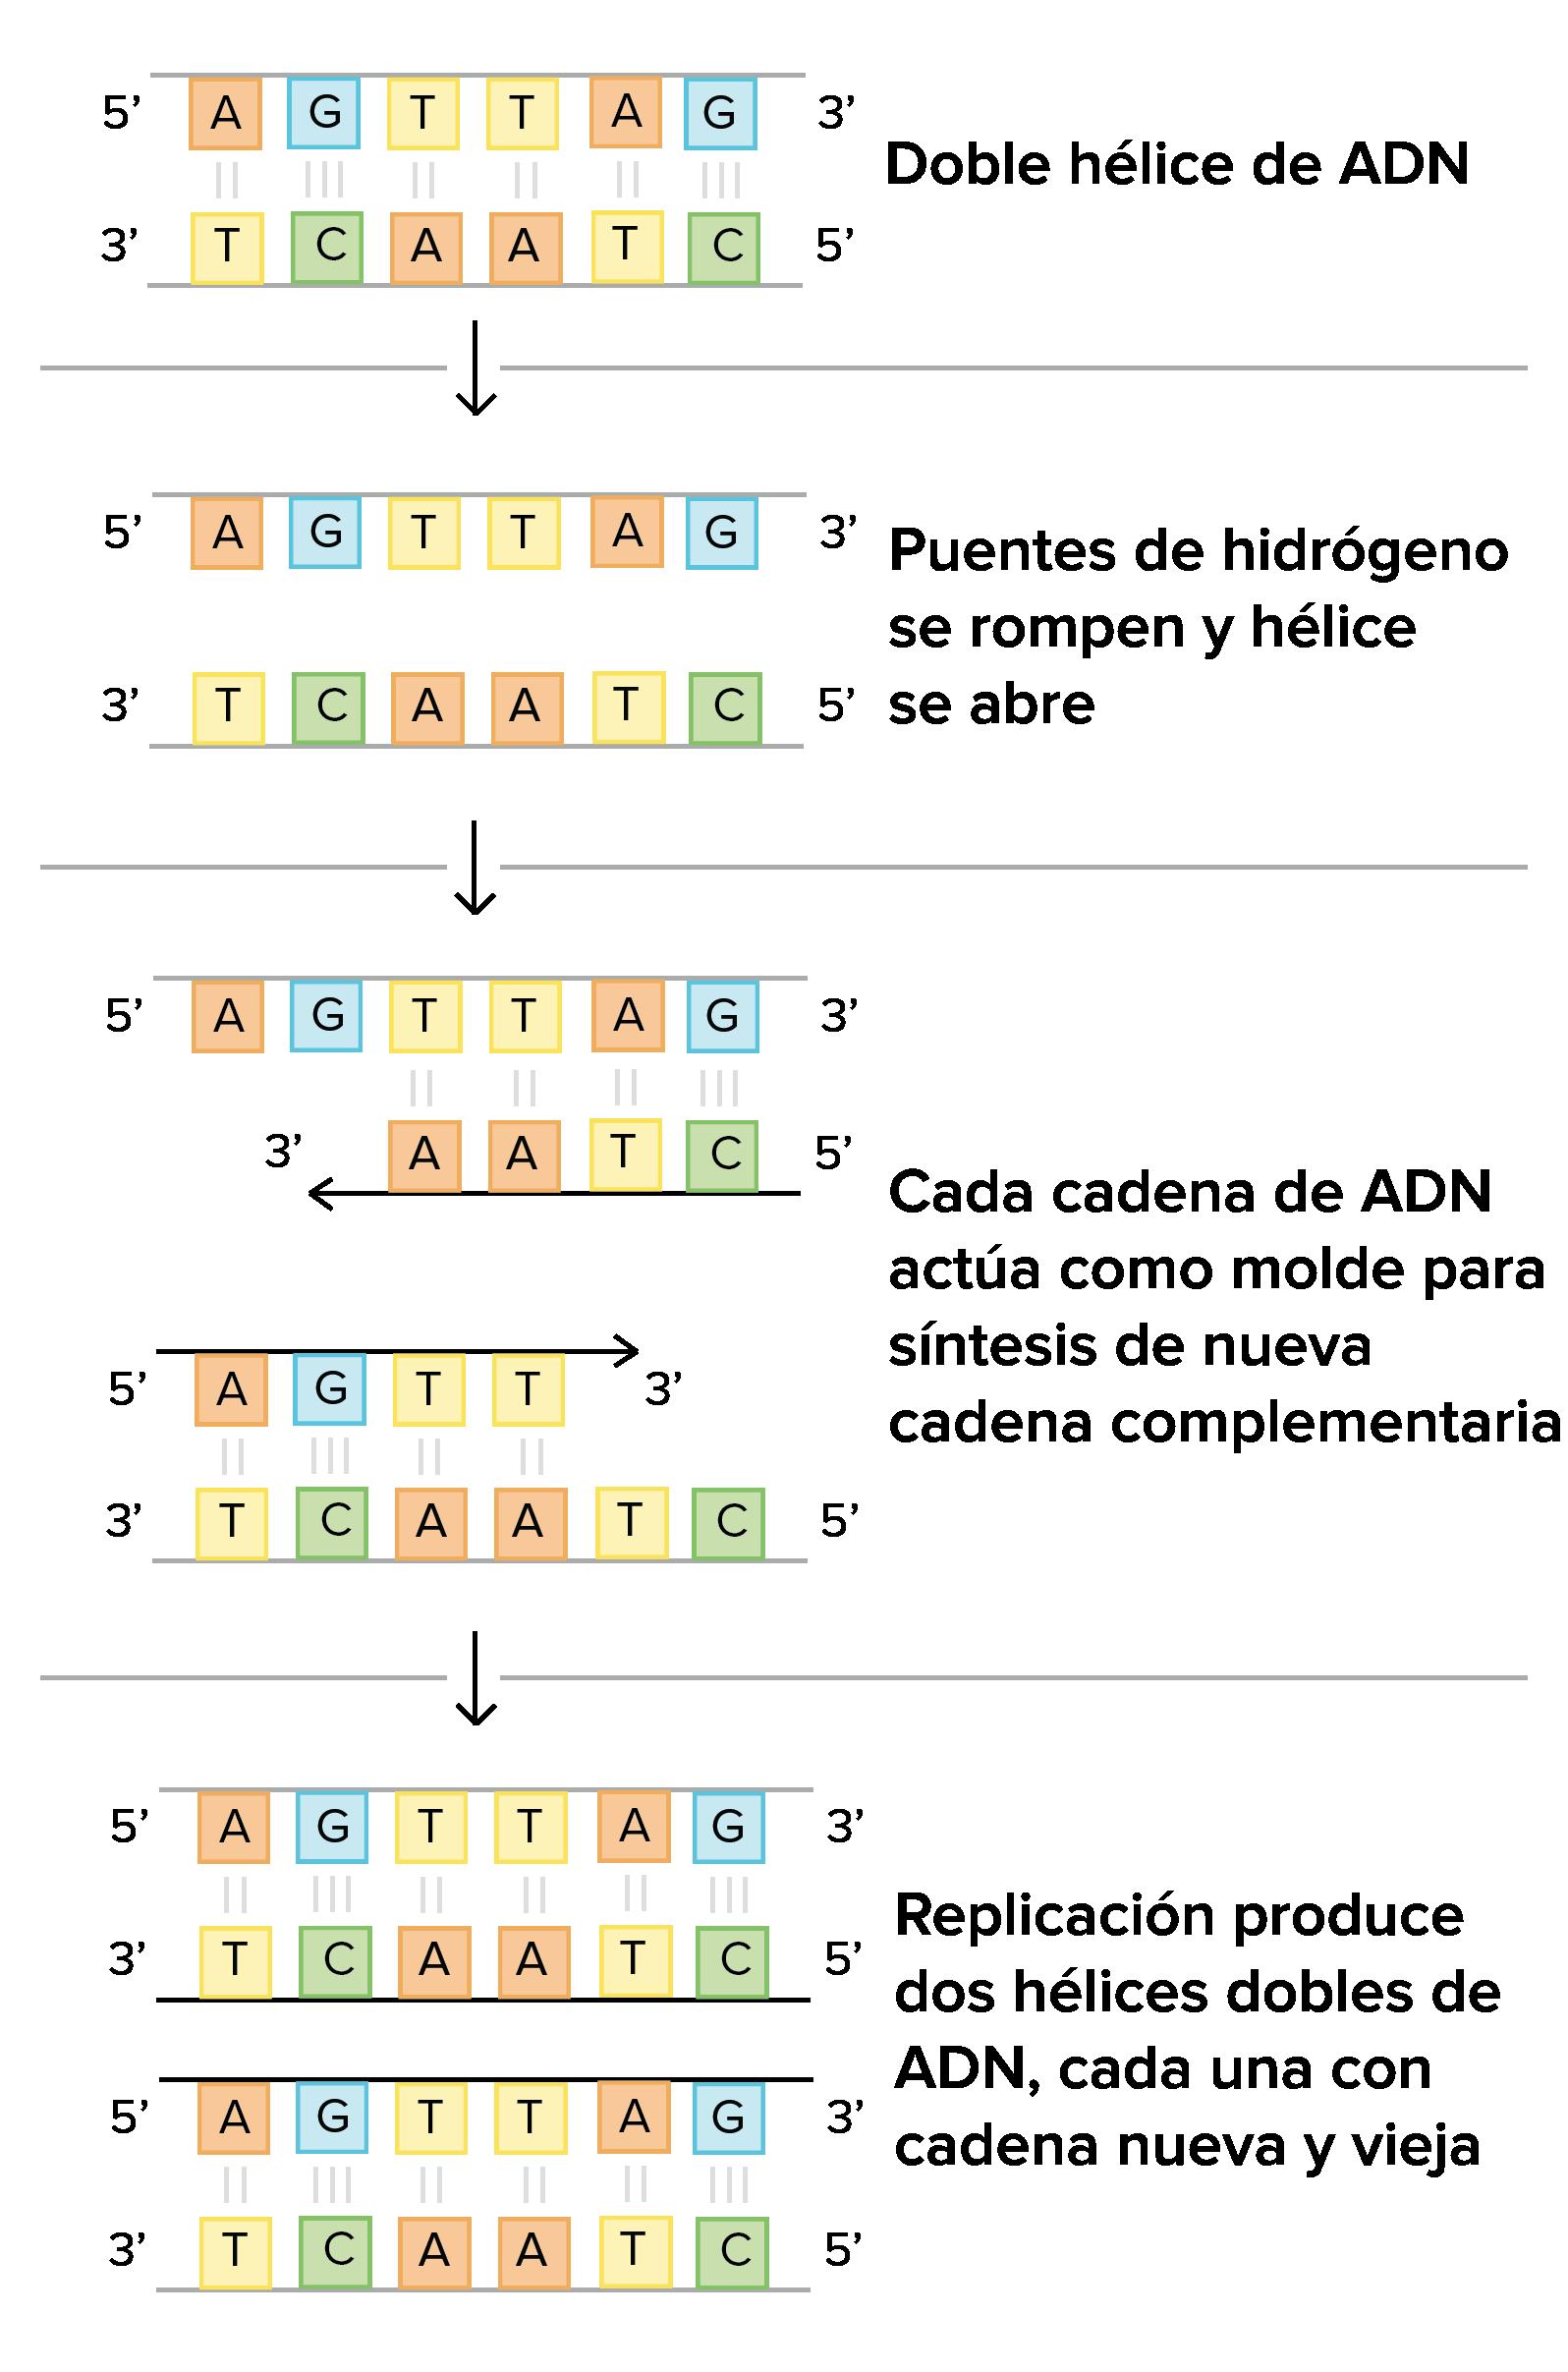 Mecanismos moleculares de la replicación del ADN (artículo